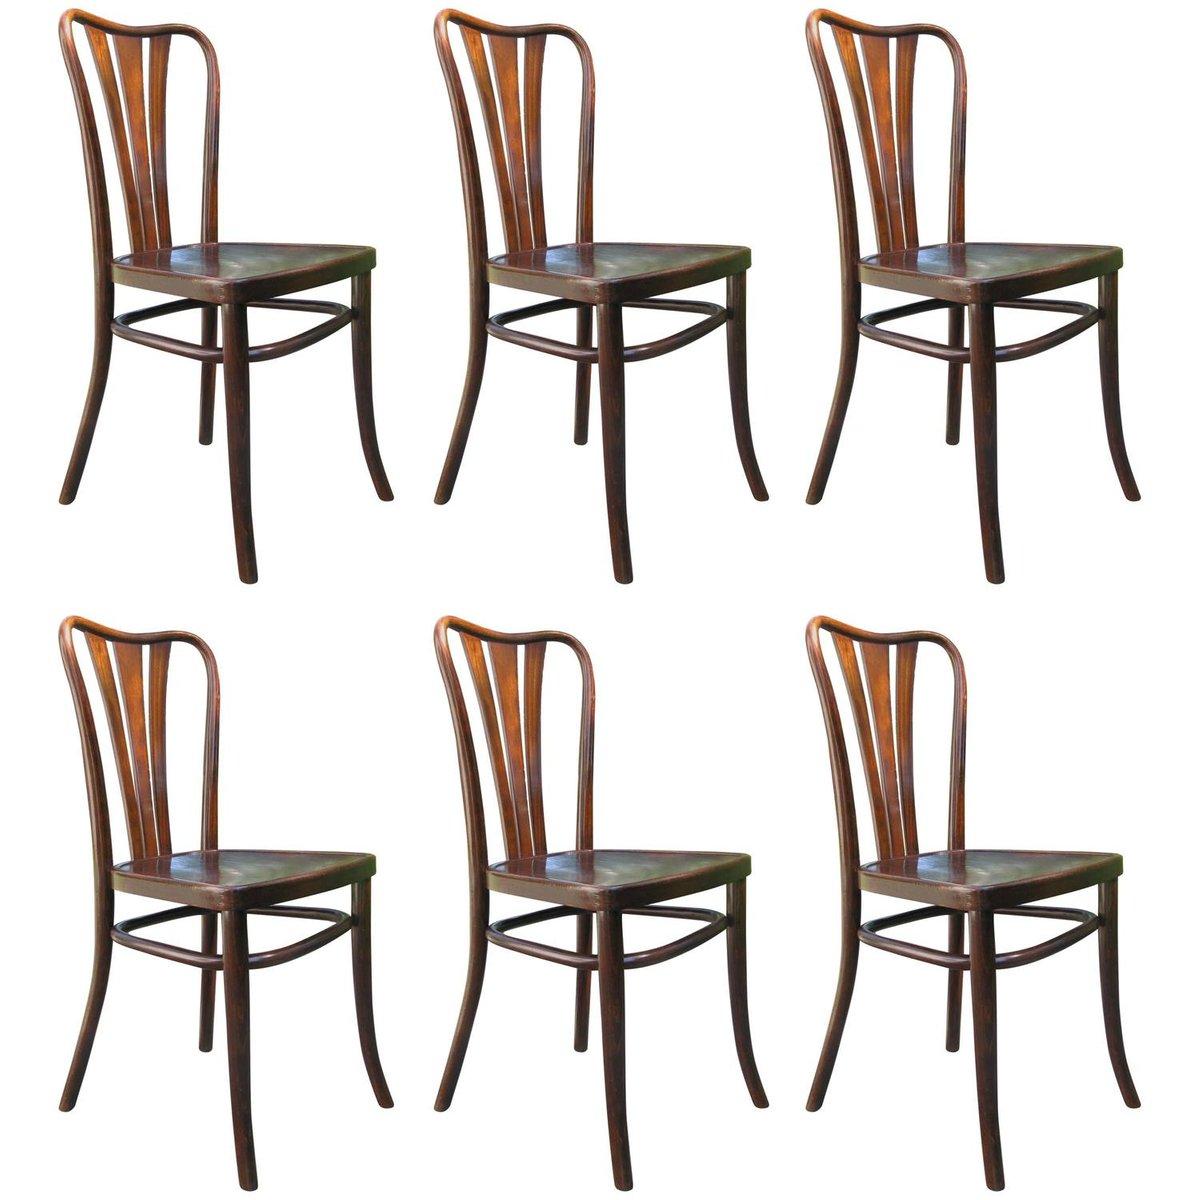 vintage esszimmerst hle von thonet 1930er 6er set bei. Black Bedroom Furniture Sets. Home Design Ideas